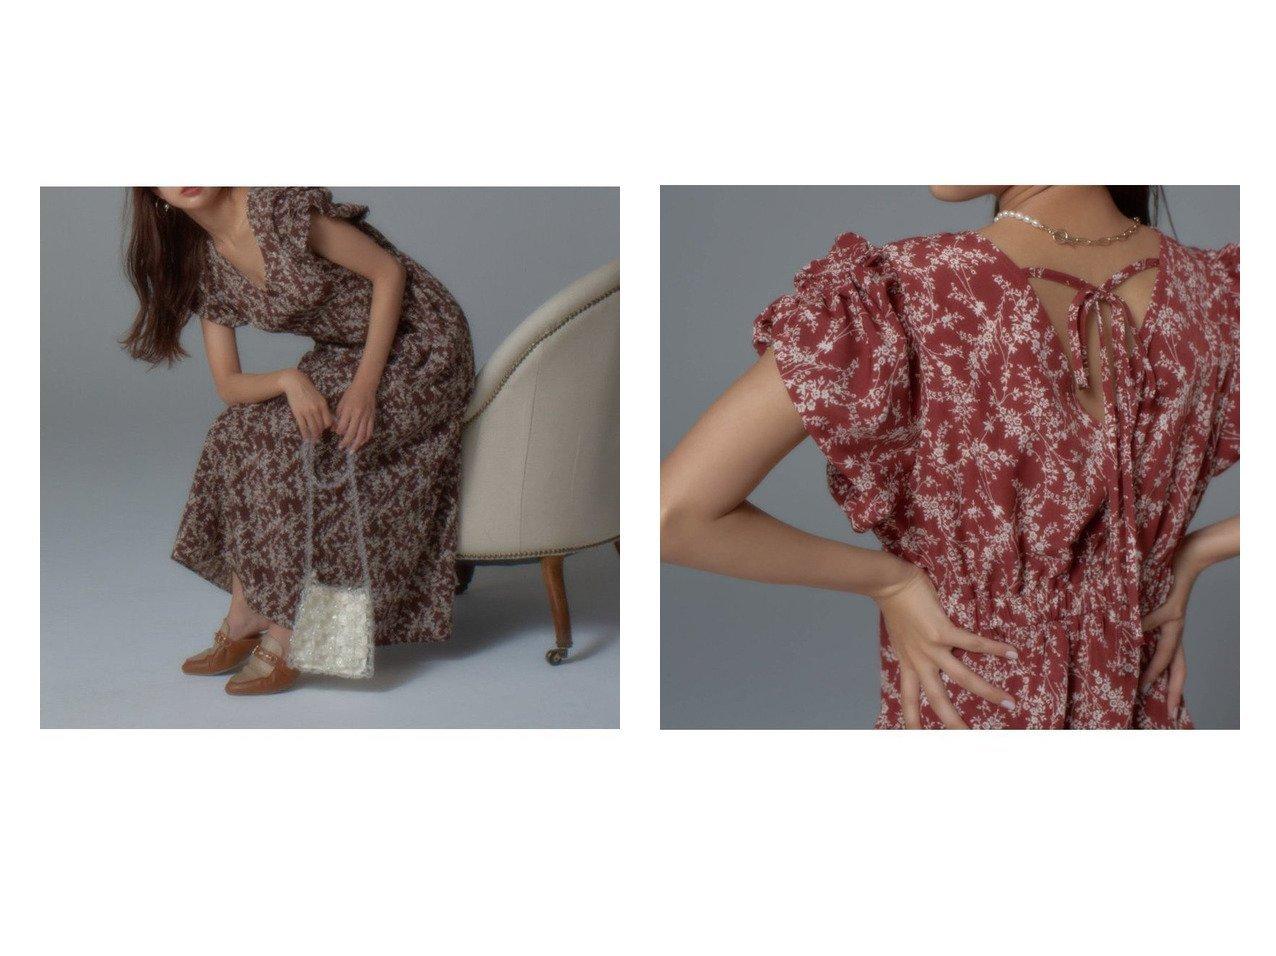 【Vis-a-Vis/ビザビ】の【vis- a-vis】バルーンギャザースリーブ花柄ワンピース おすすめ!人気、トレンド・レディースファッションの通販 おすすめで人気の流行・トレンド、ファッションの通販商品 インテリア・家具・メンズファッション・キッズファッション・レディースファッション・服の通販 founy(ファニー) https://founy.com/ ファッション Fashion レディースファッション WOMEN ワンピース Dress 春 Spring 秋 Autumn/Fall シェイプ シューズ ダウン デニム トレンド バルーン フィット フラワー プリント ベーシック ポケット おすすめ Recommend  ID:crp329100000061251